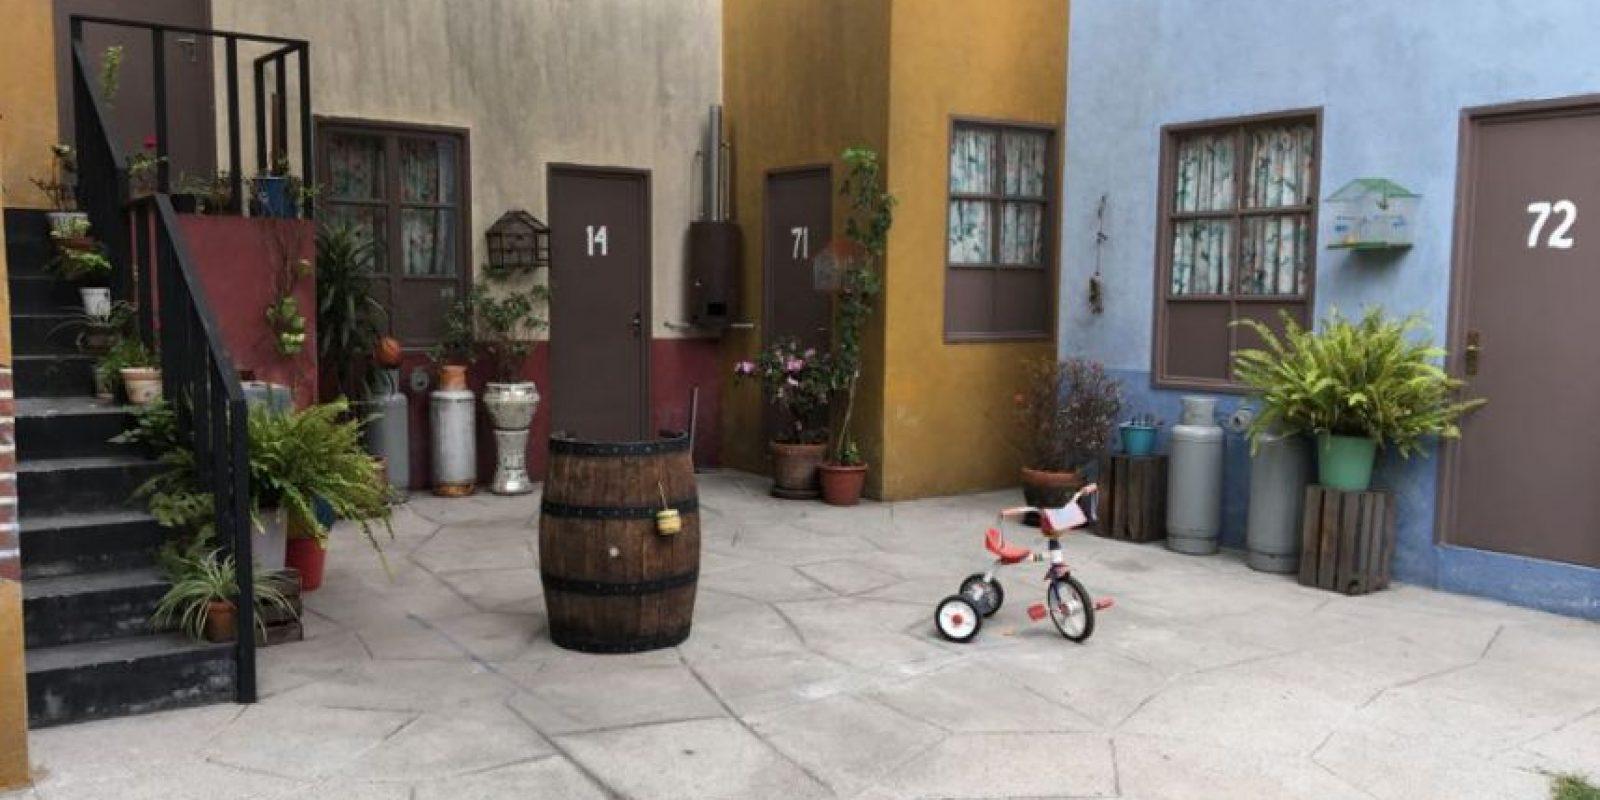 El patio de la vecindad. Foto:Nicolás Corte